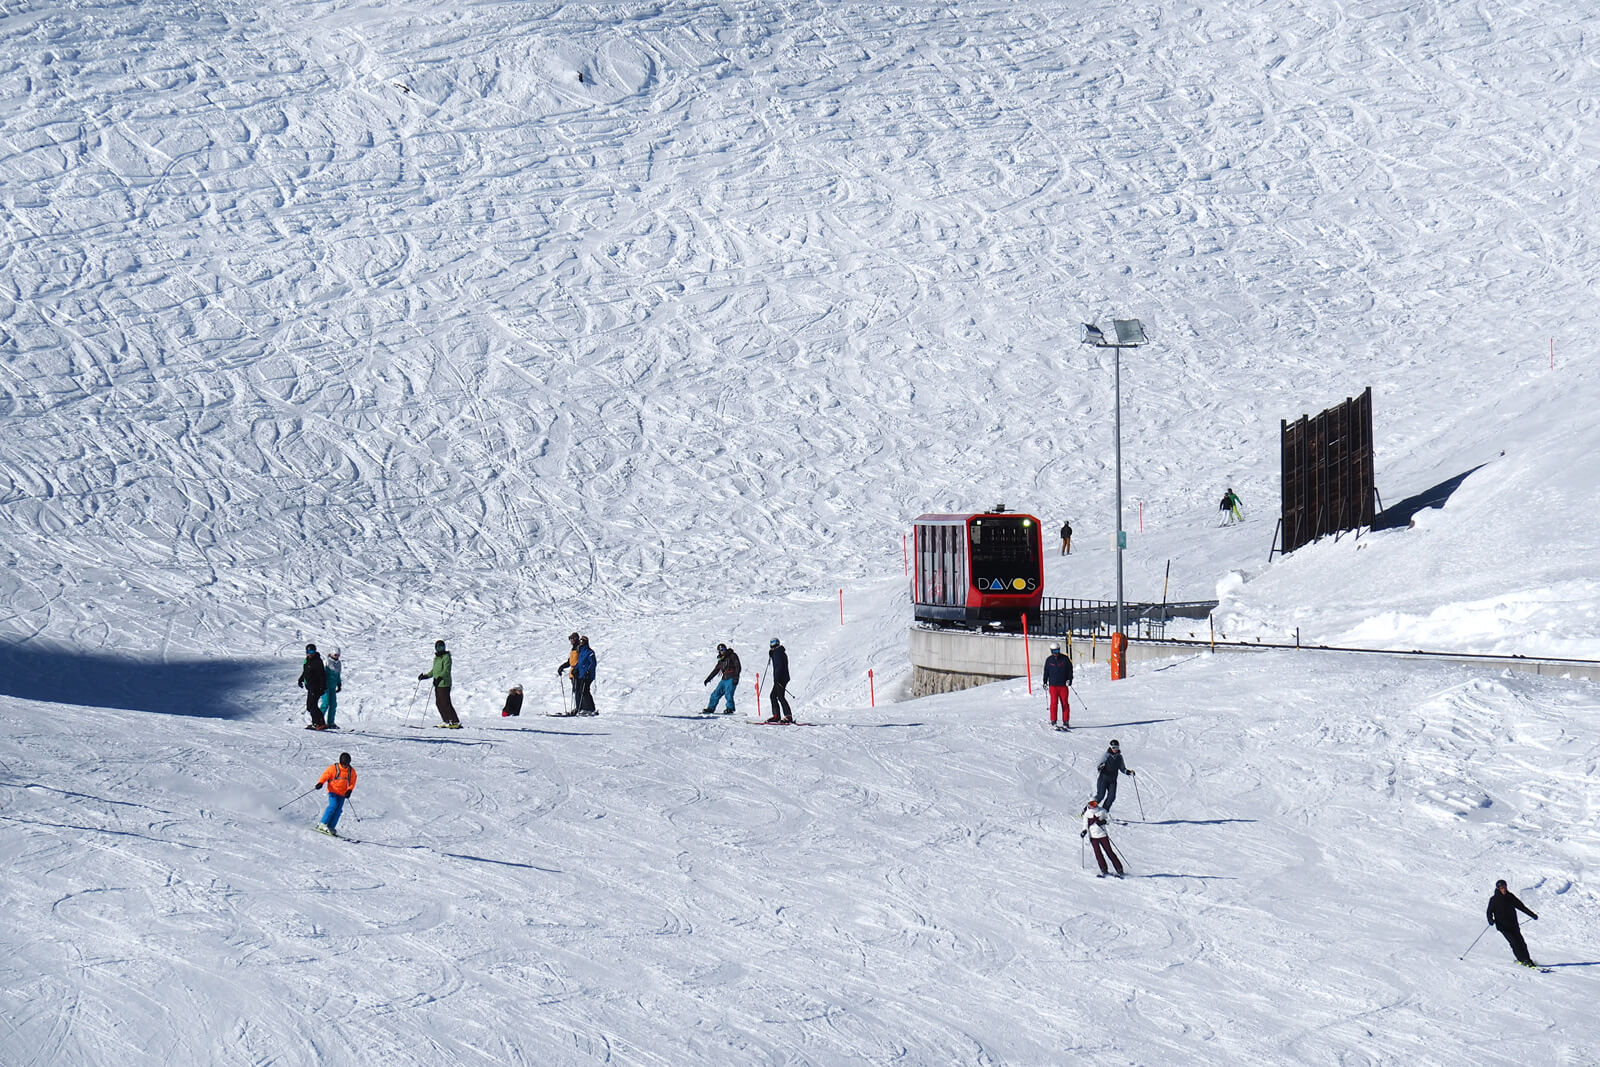 Davos, Switzerland - Parsenn Skiing